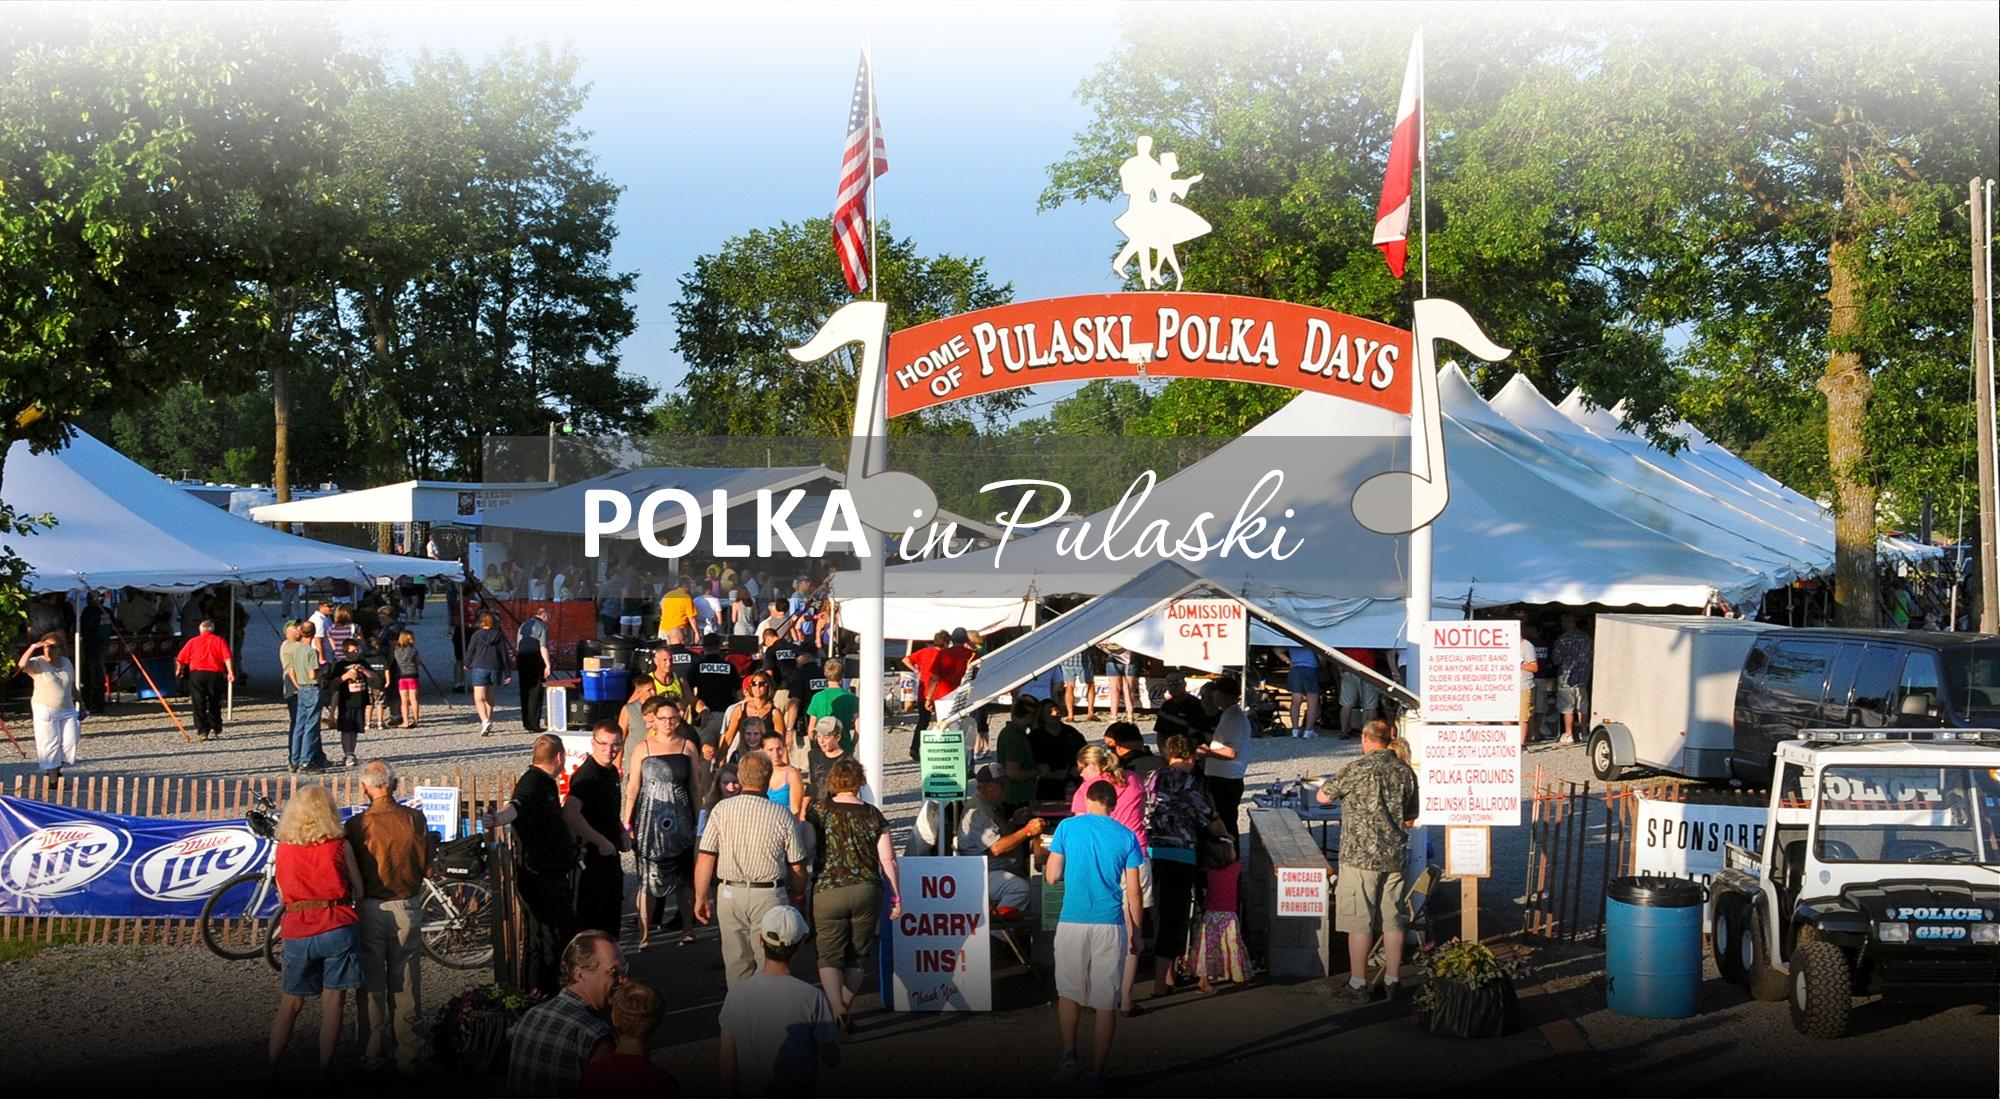 Polka in Pulaski